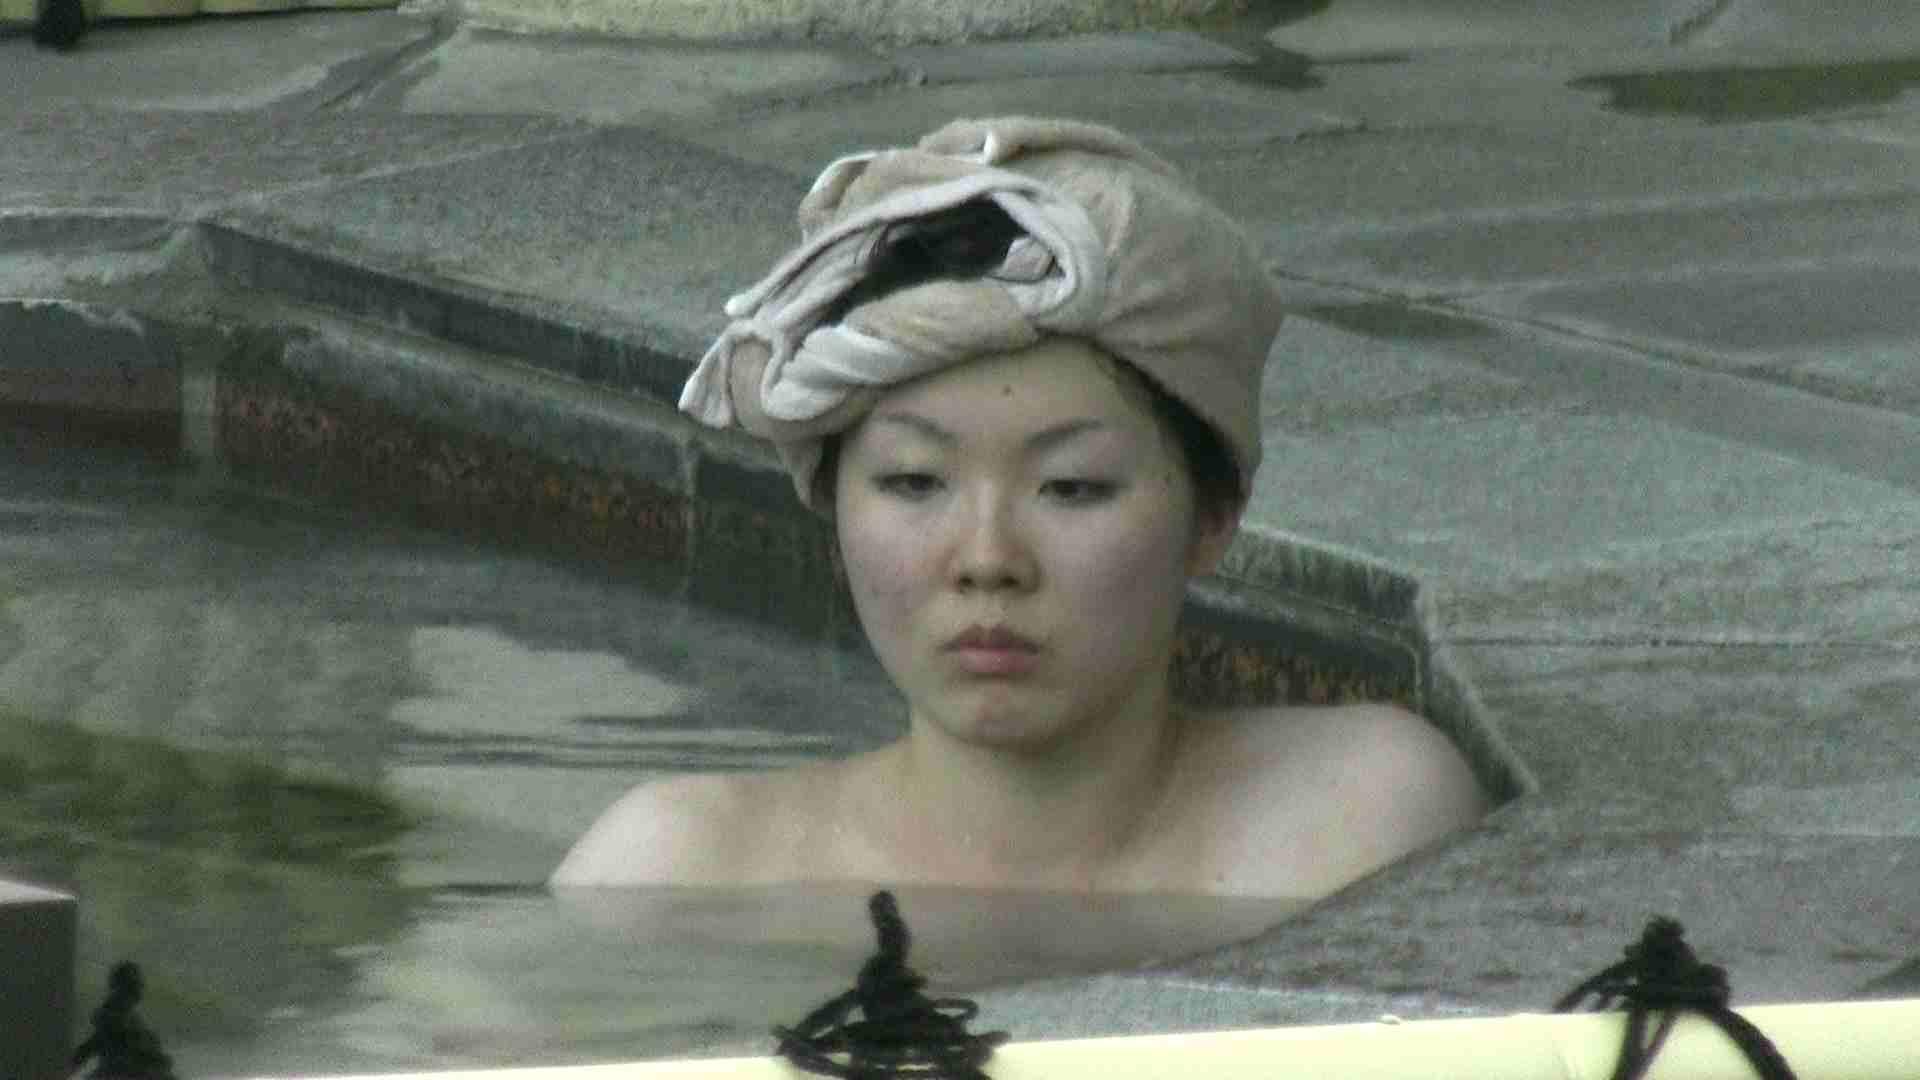 Aquaな露天風呂Vol.191 女体盗撮 のぞきおめこ無修正画像 72連発 65